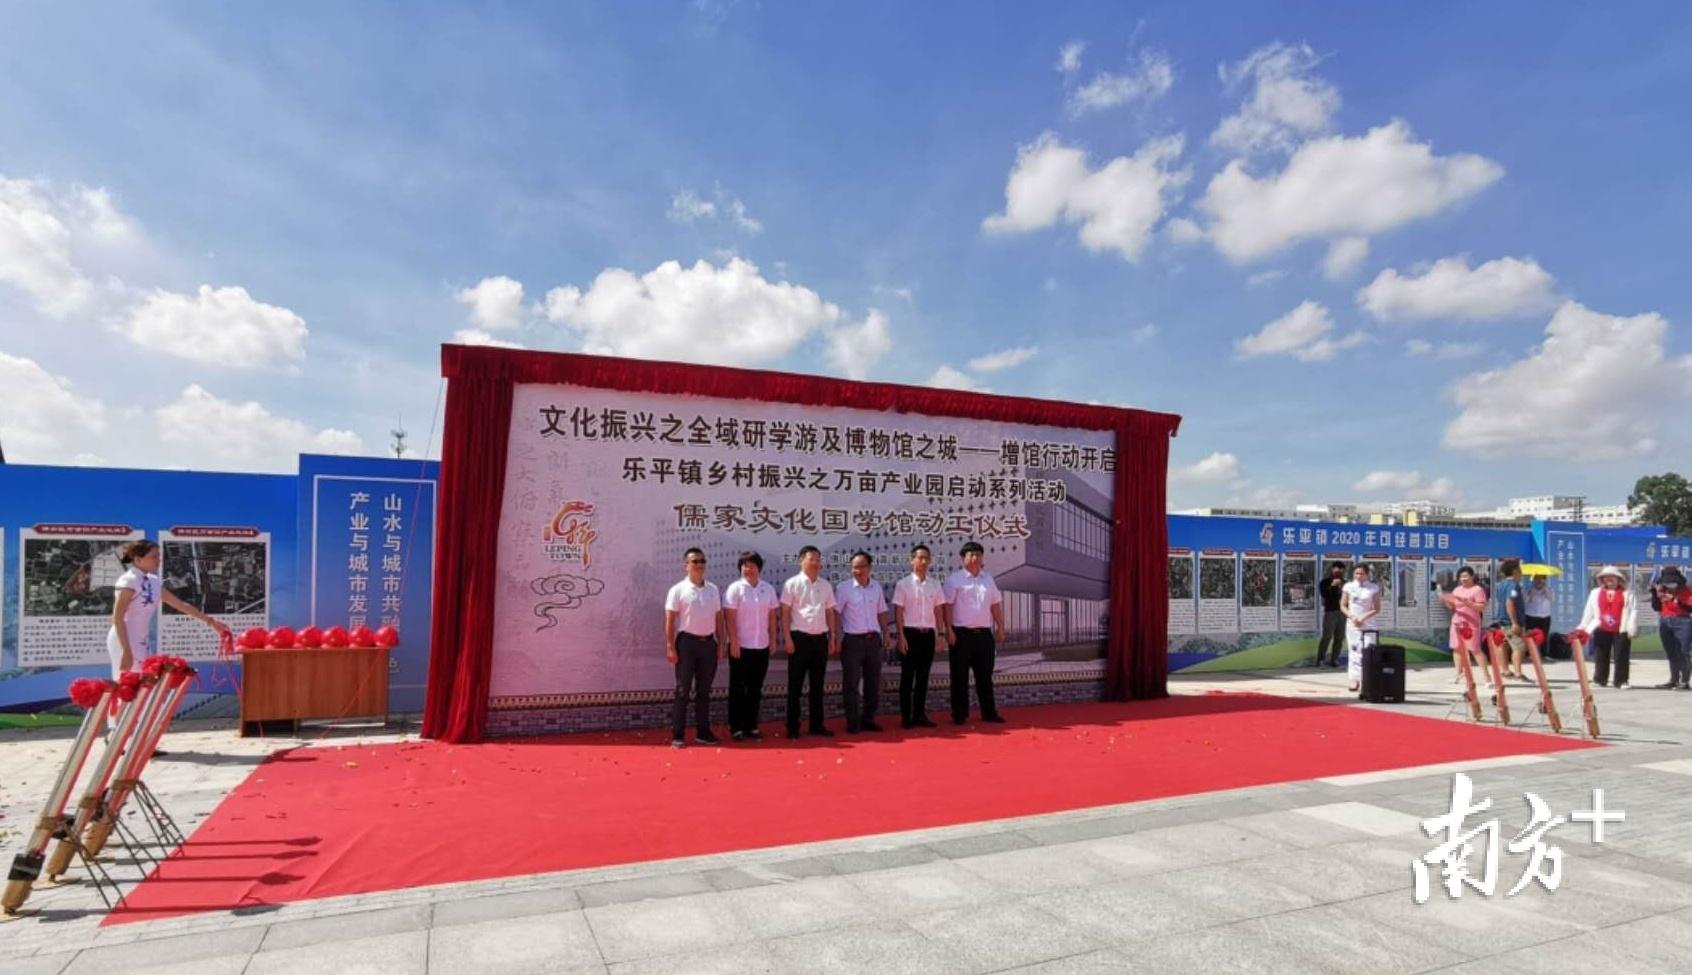 儒家文化国学馆动工仪式在齐家湖儒家天下文化公园举行。黄逸豪 摄